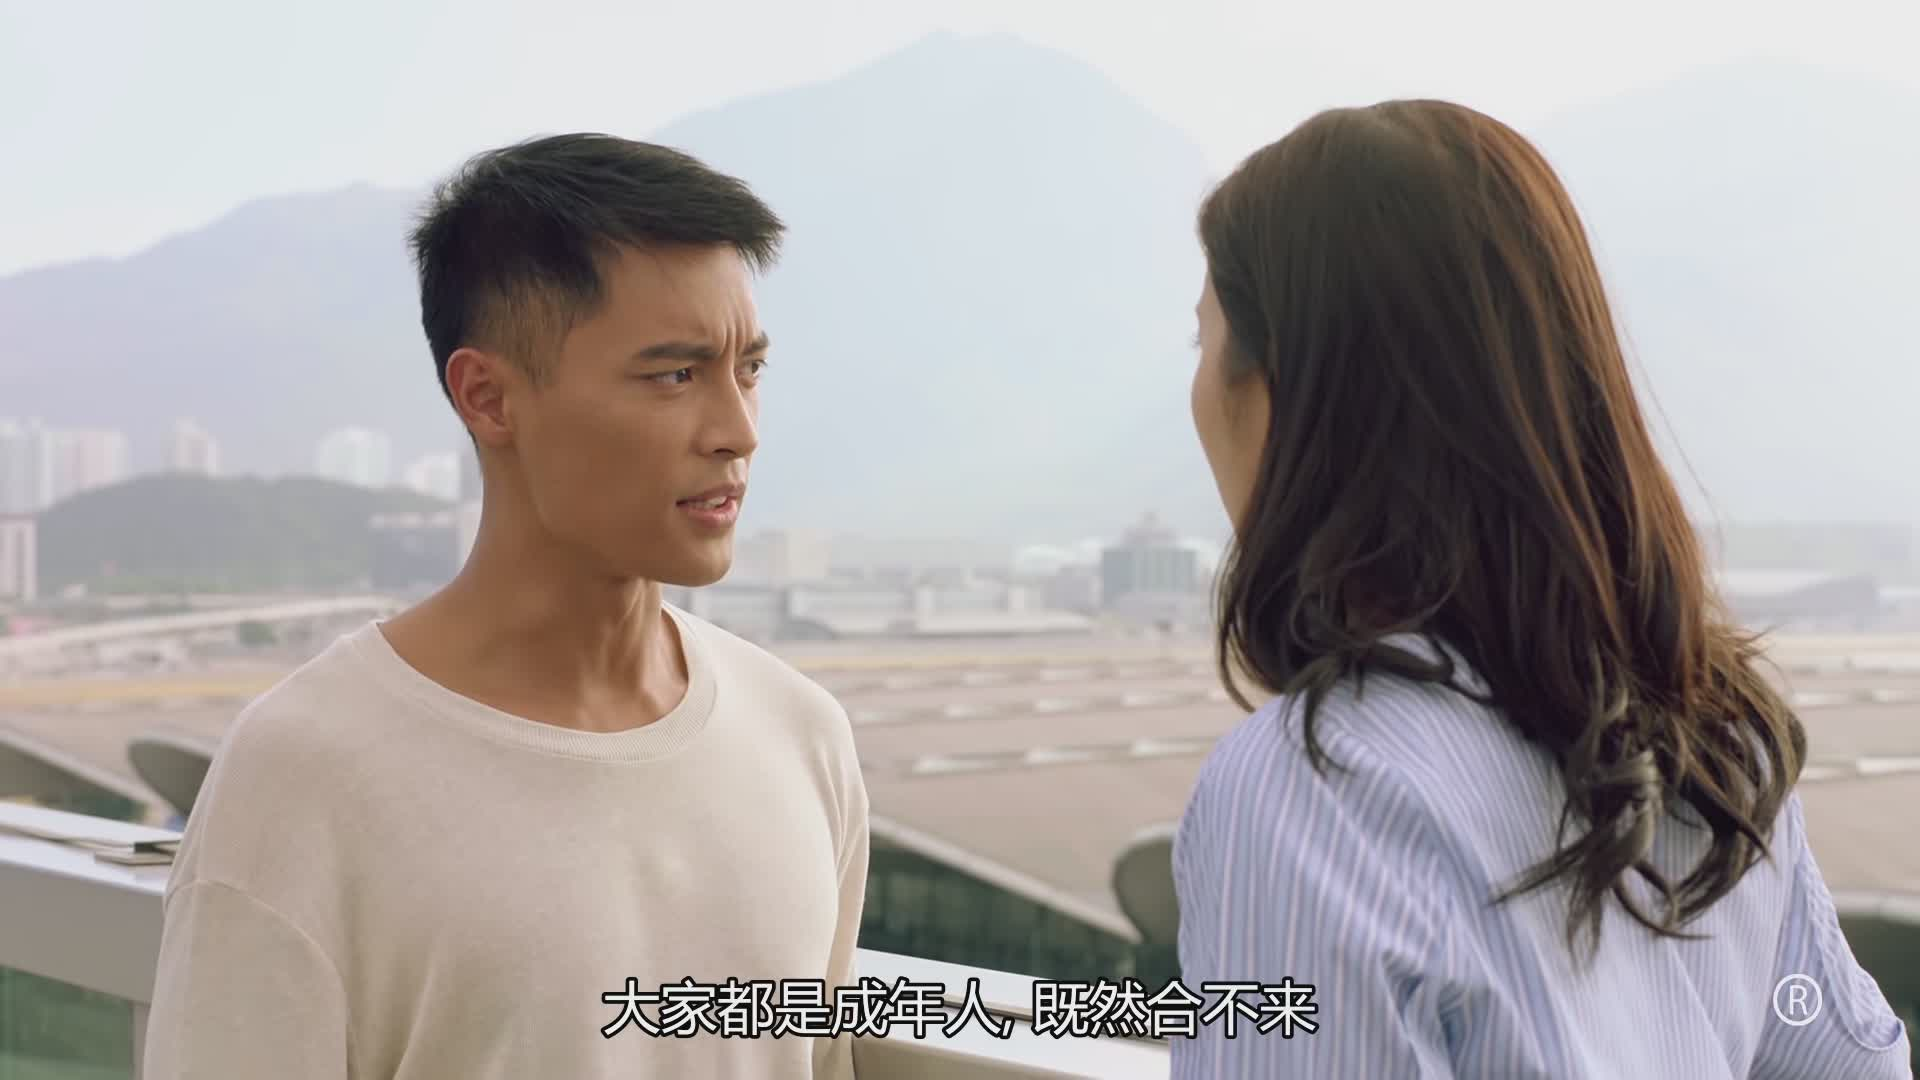 港剧《机场特警》:三个翻版小生齐上阵,谁是下一位TVB视帝?插图4